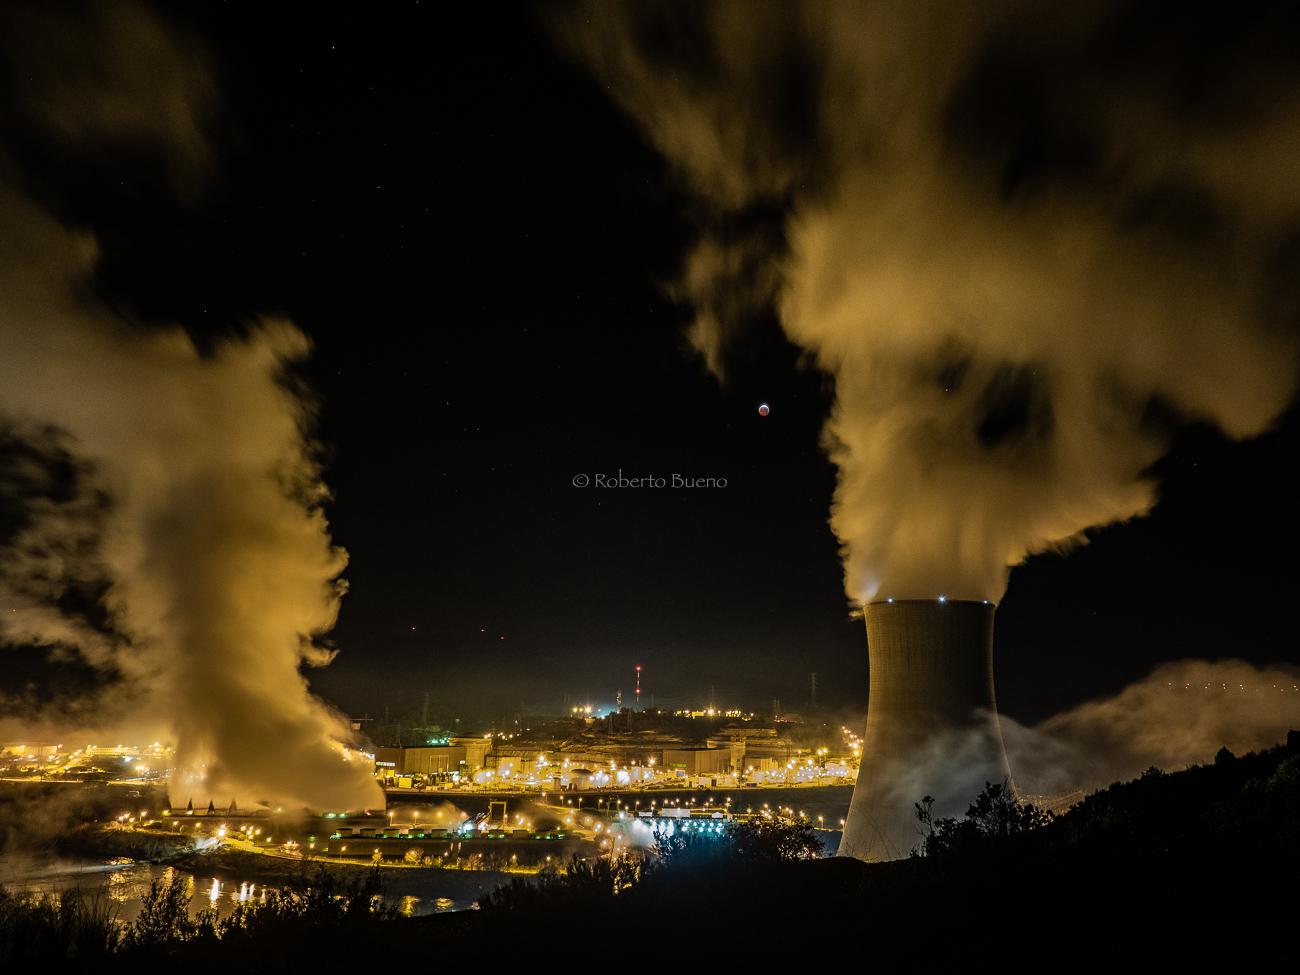 Eclipse de luna y torres de refrigeración. Central Nuclear de Ascó - Energía Nuclear - Roberto Bueno. Energía Nuclear y Centrales Nucleares